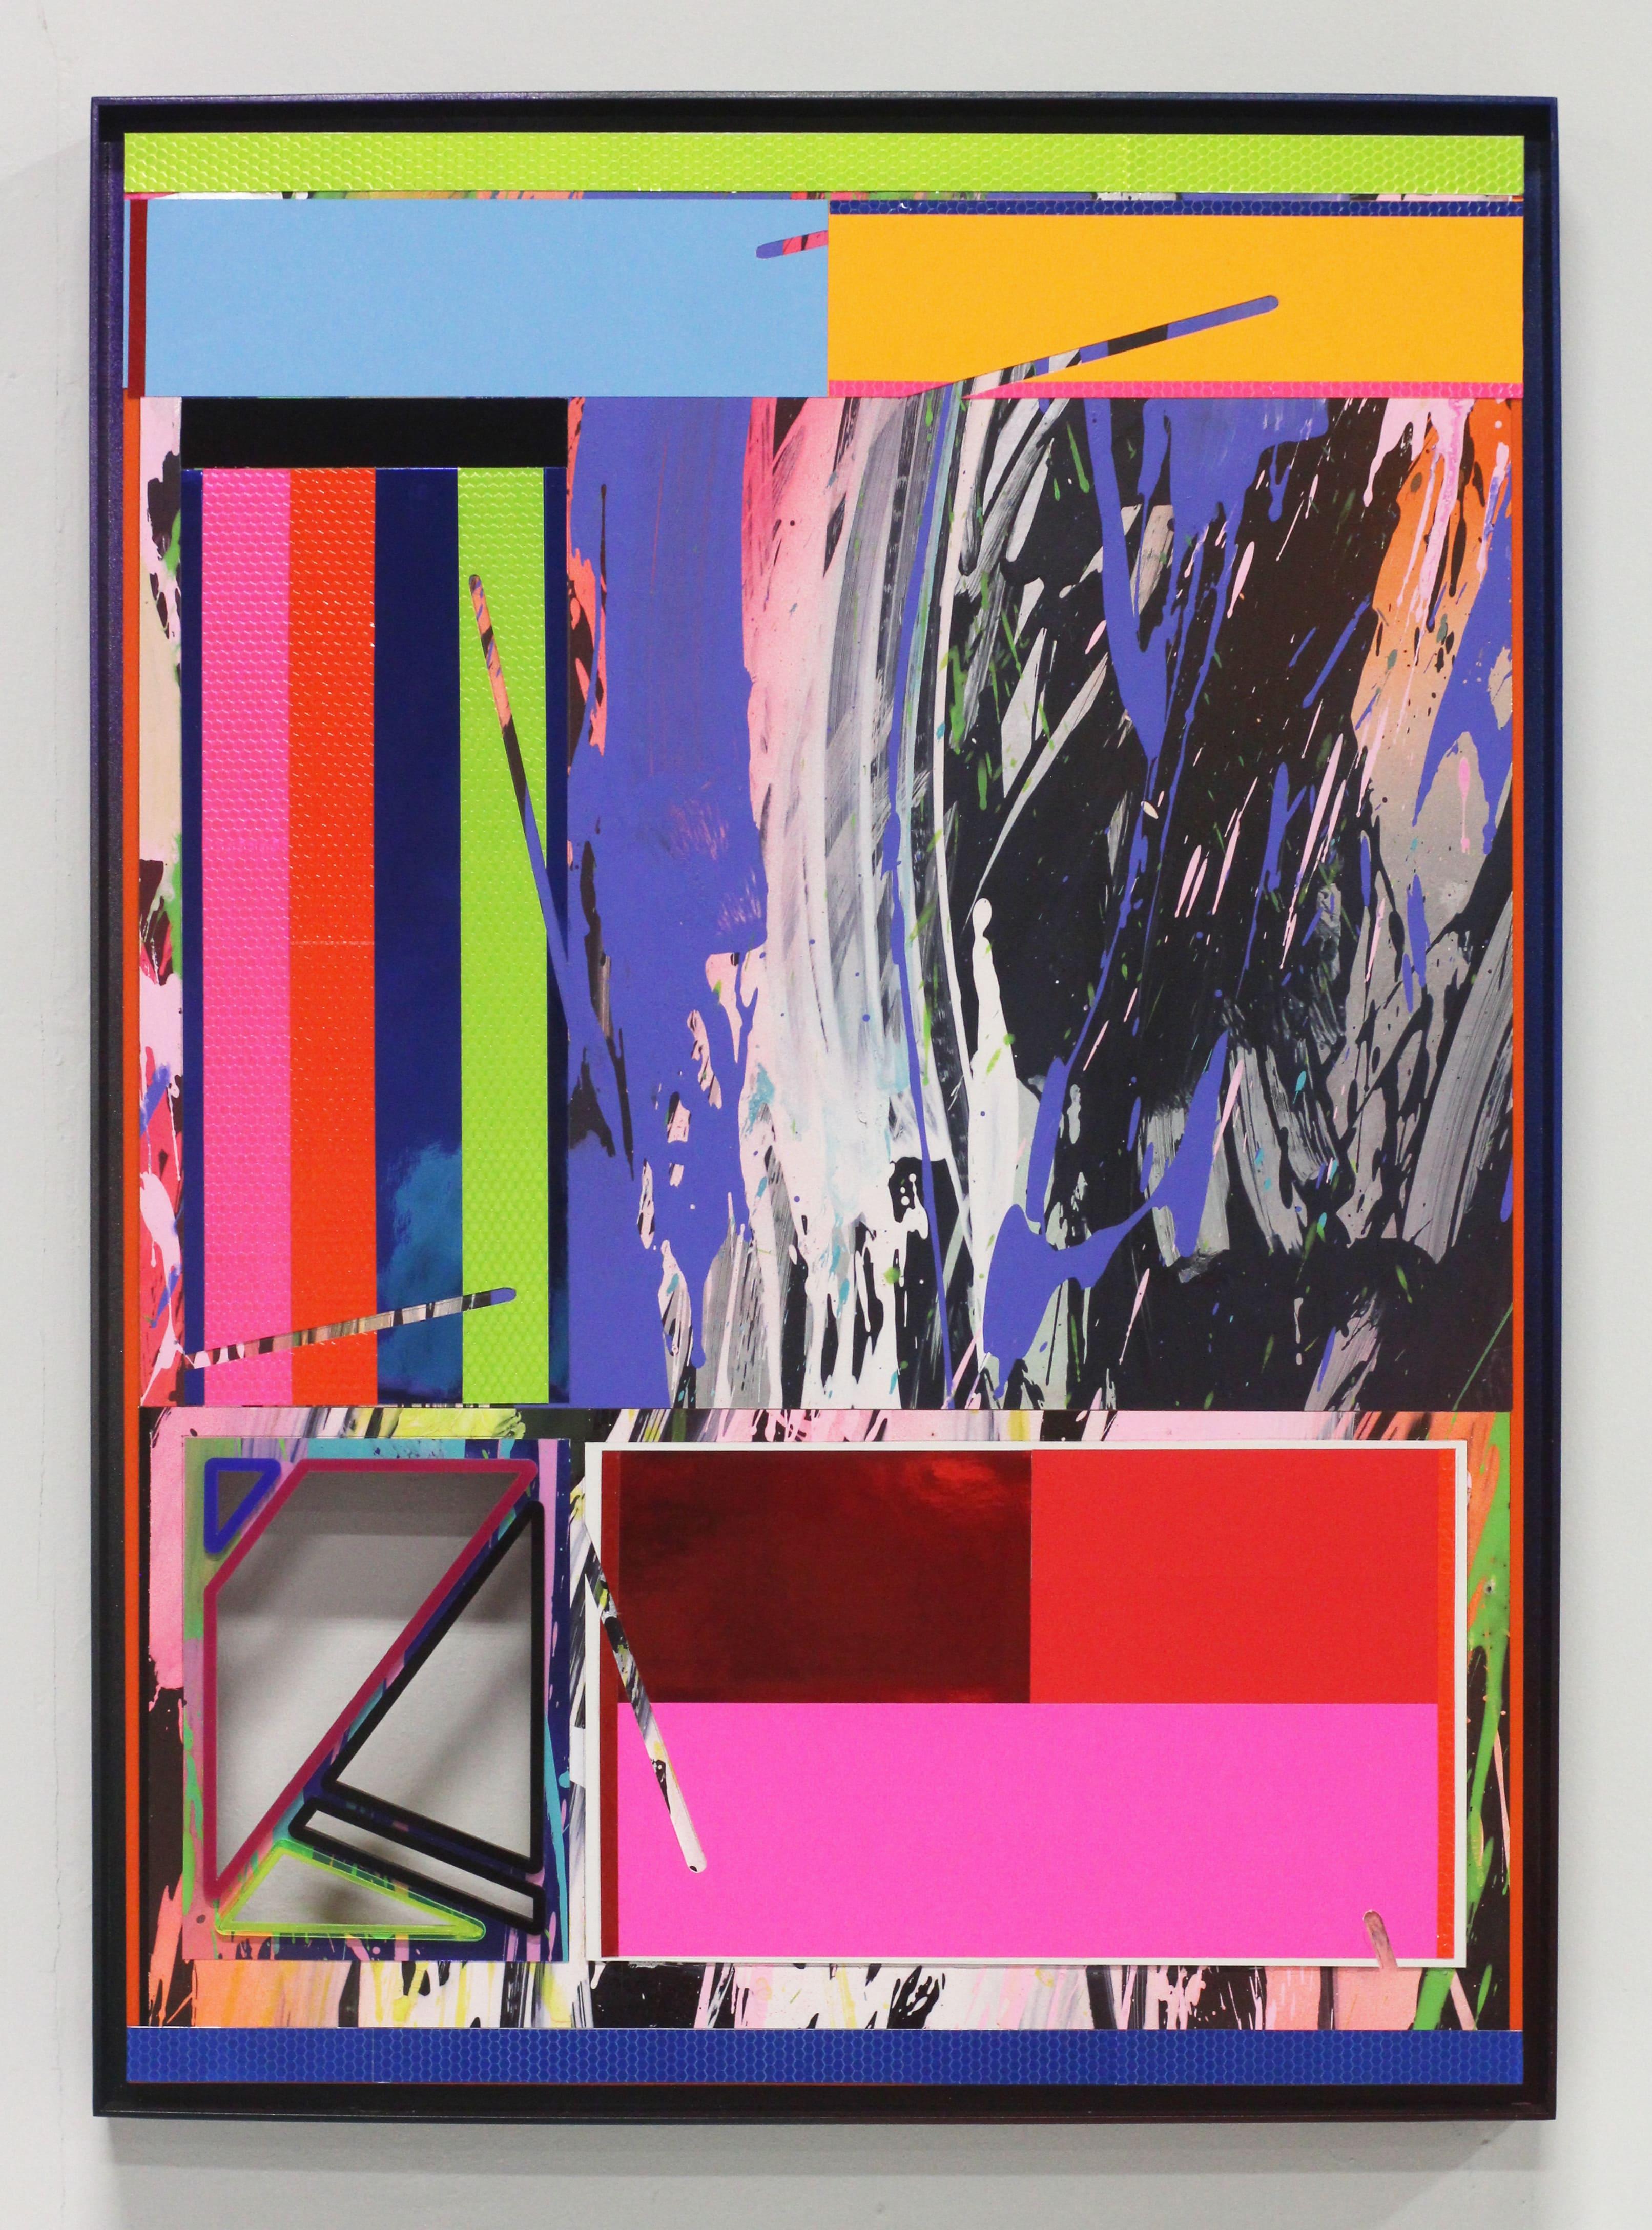 NemesM_Ghosting-Love-04-She_2019_715x515cm_acrylic-silkscreened-paper-mirror-board-light-reflective-vinyl-lasercut-plexiglass-PVC-foam-board-carpaint-steel-min